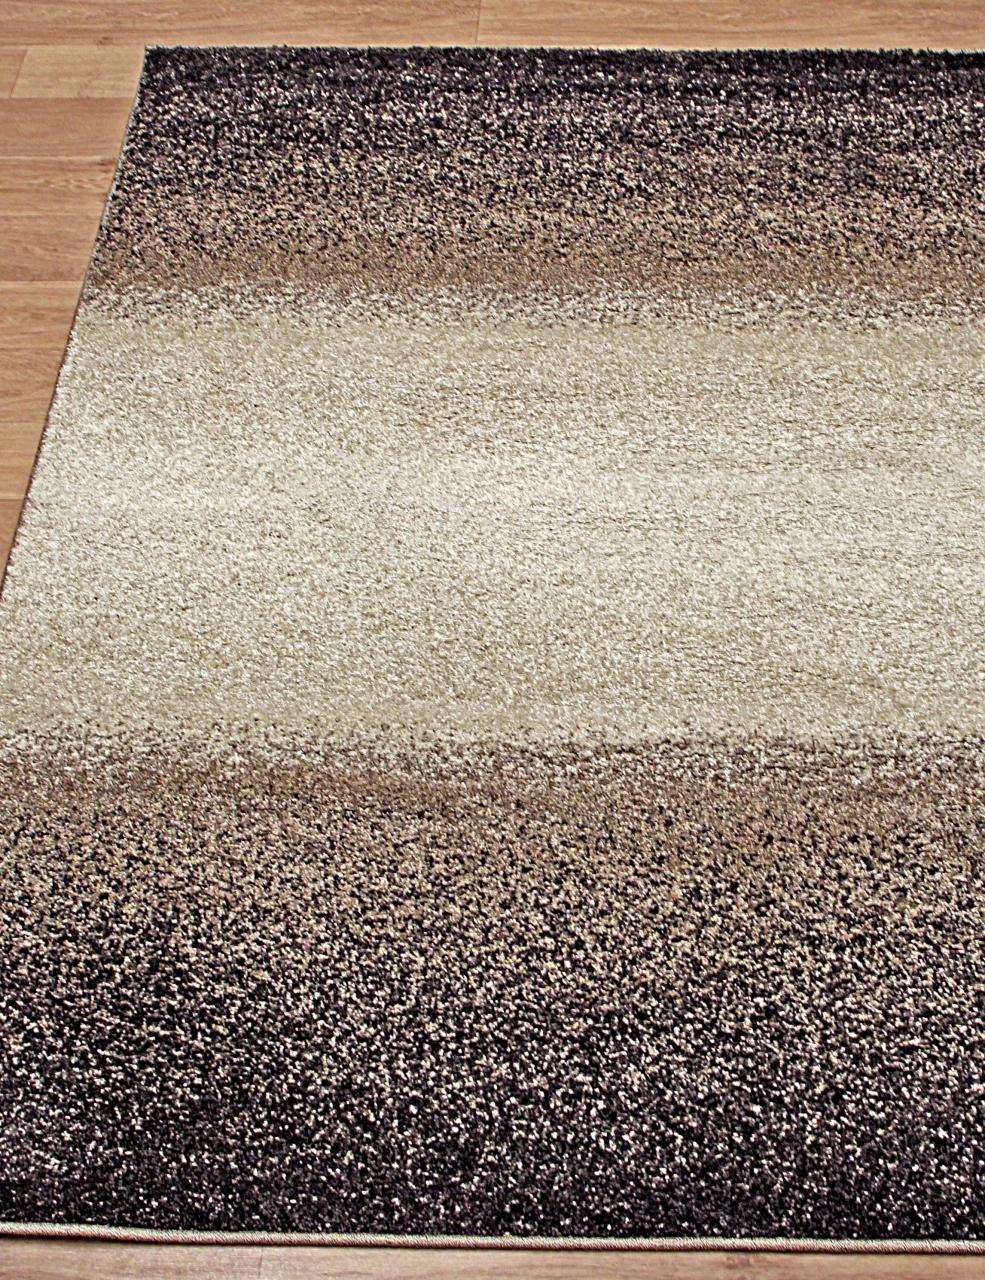 Ковер t632 - BEIGE - Прямоугольник - коллекция PLATINUM - фото 4